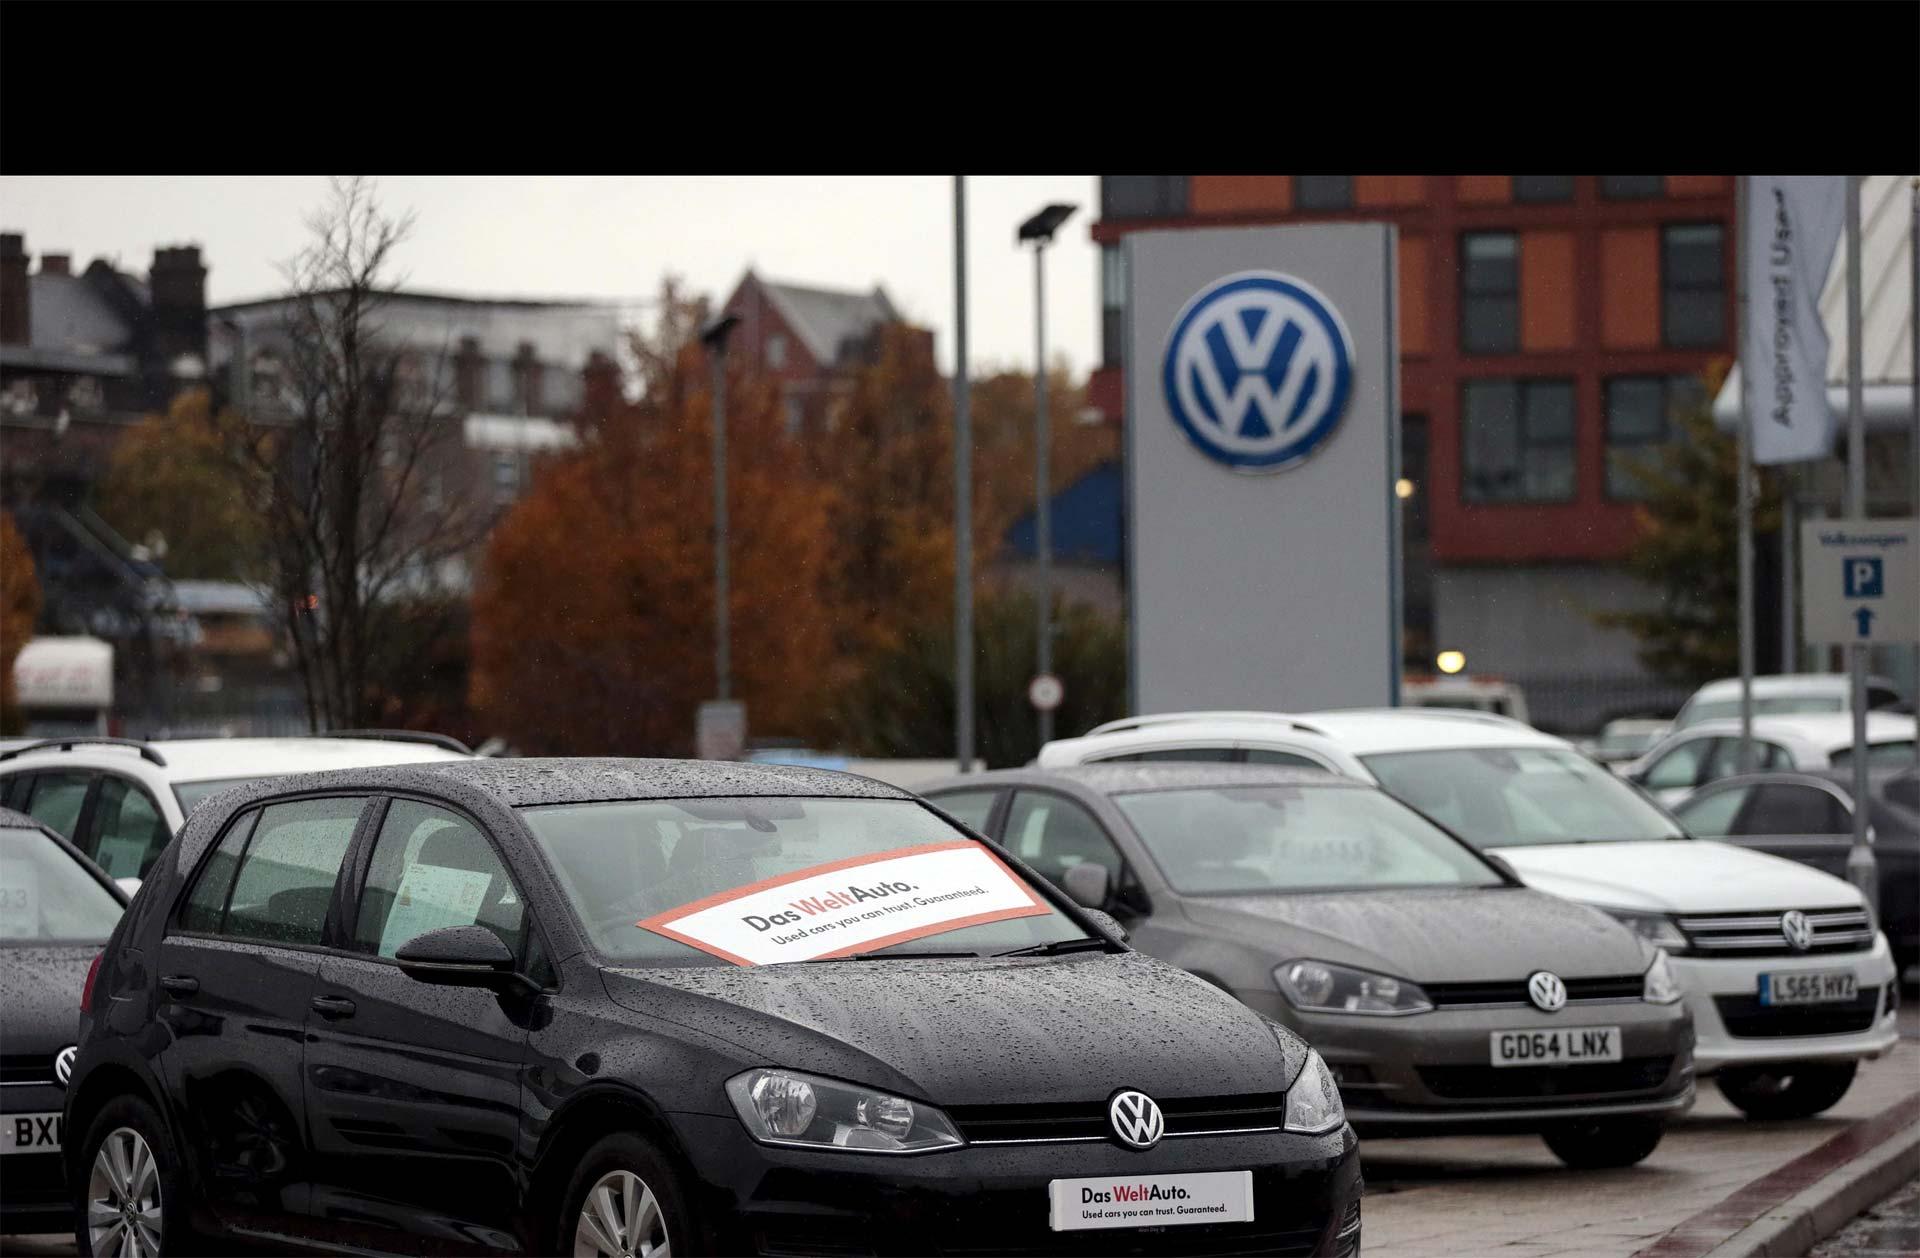 El escándalo de manipulación de motores diésel provocó que más de 200 inversores pidieran una indemnización